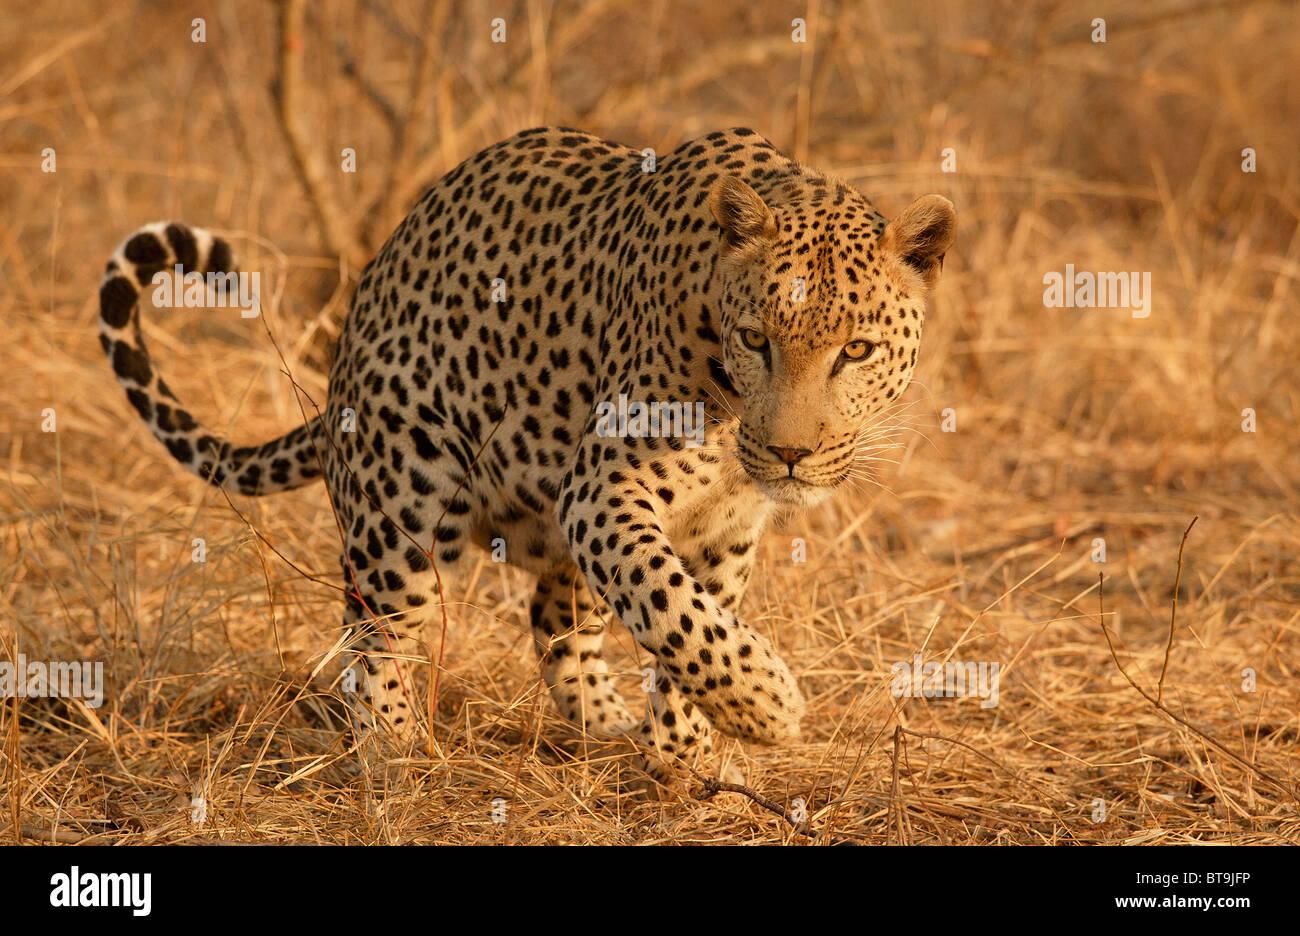 Leopard scent marking, Kruger National Park, South Africa - Stock Image